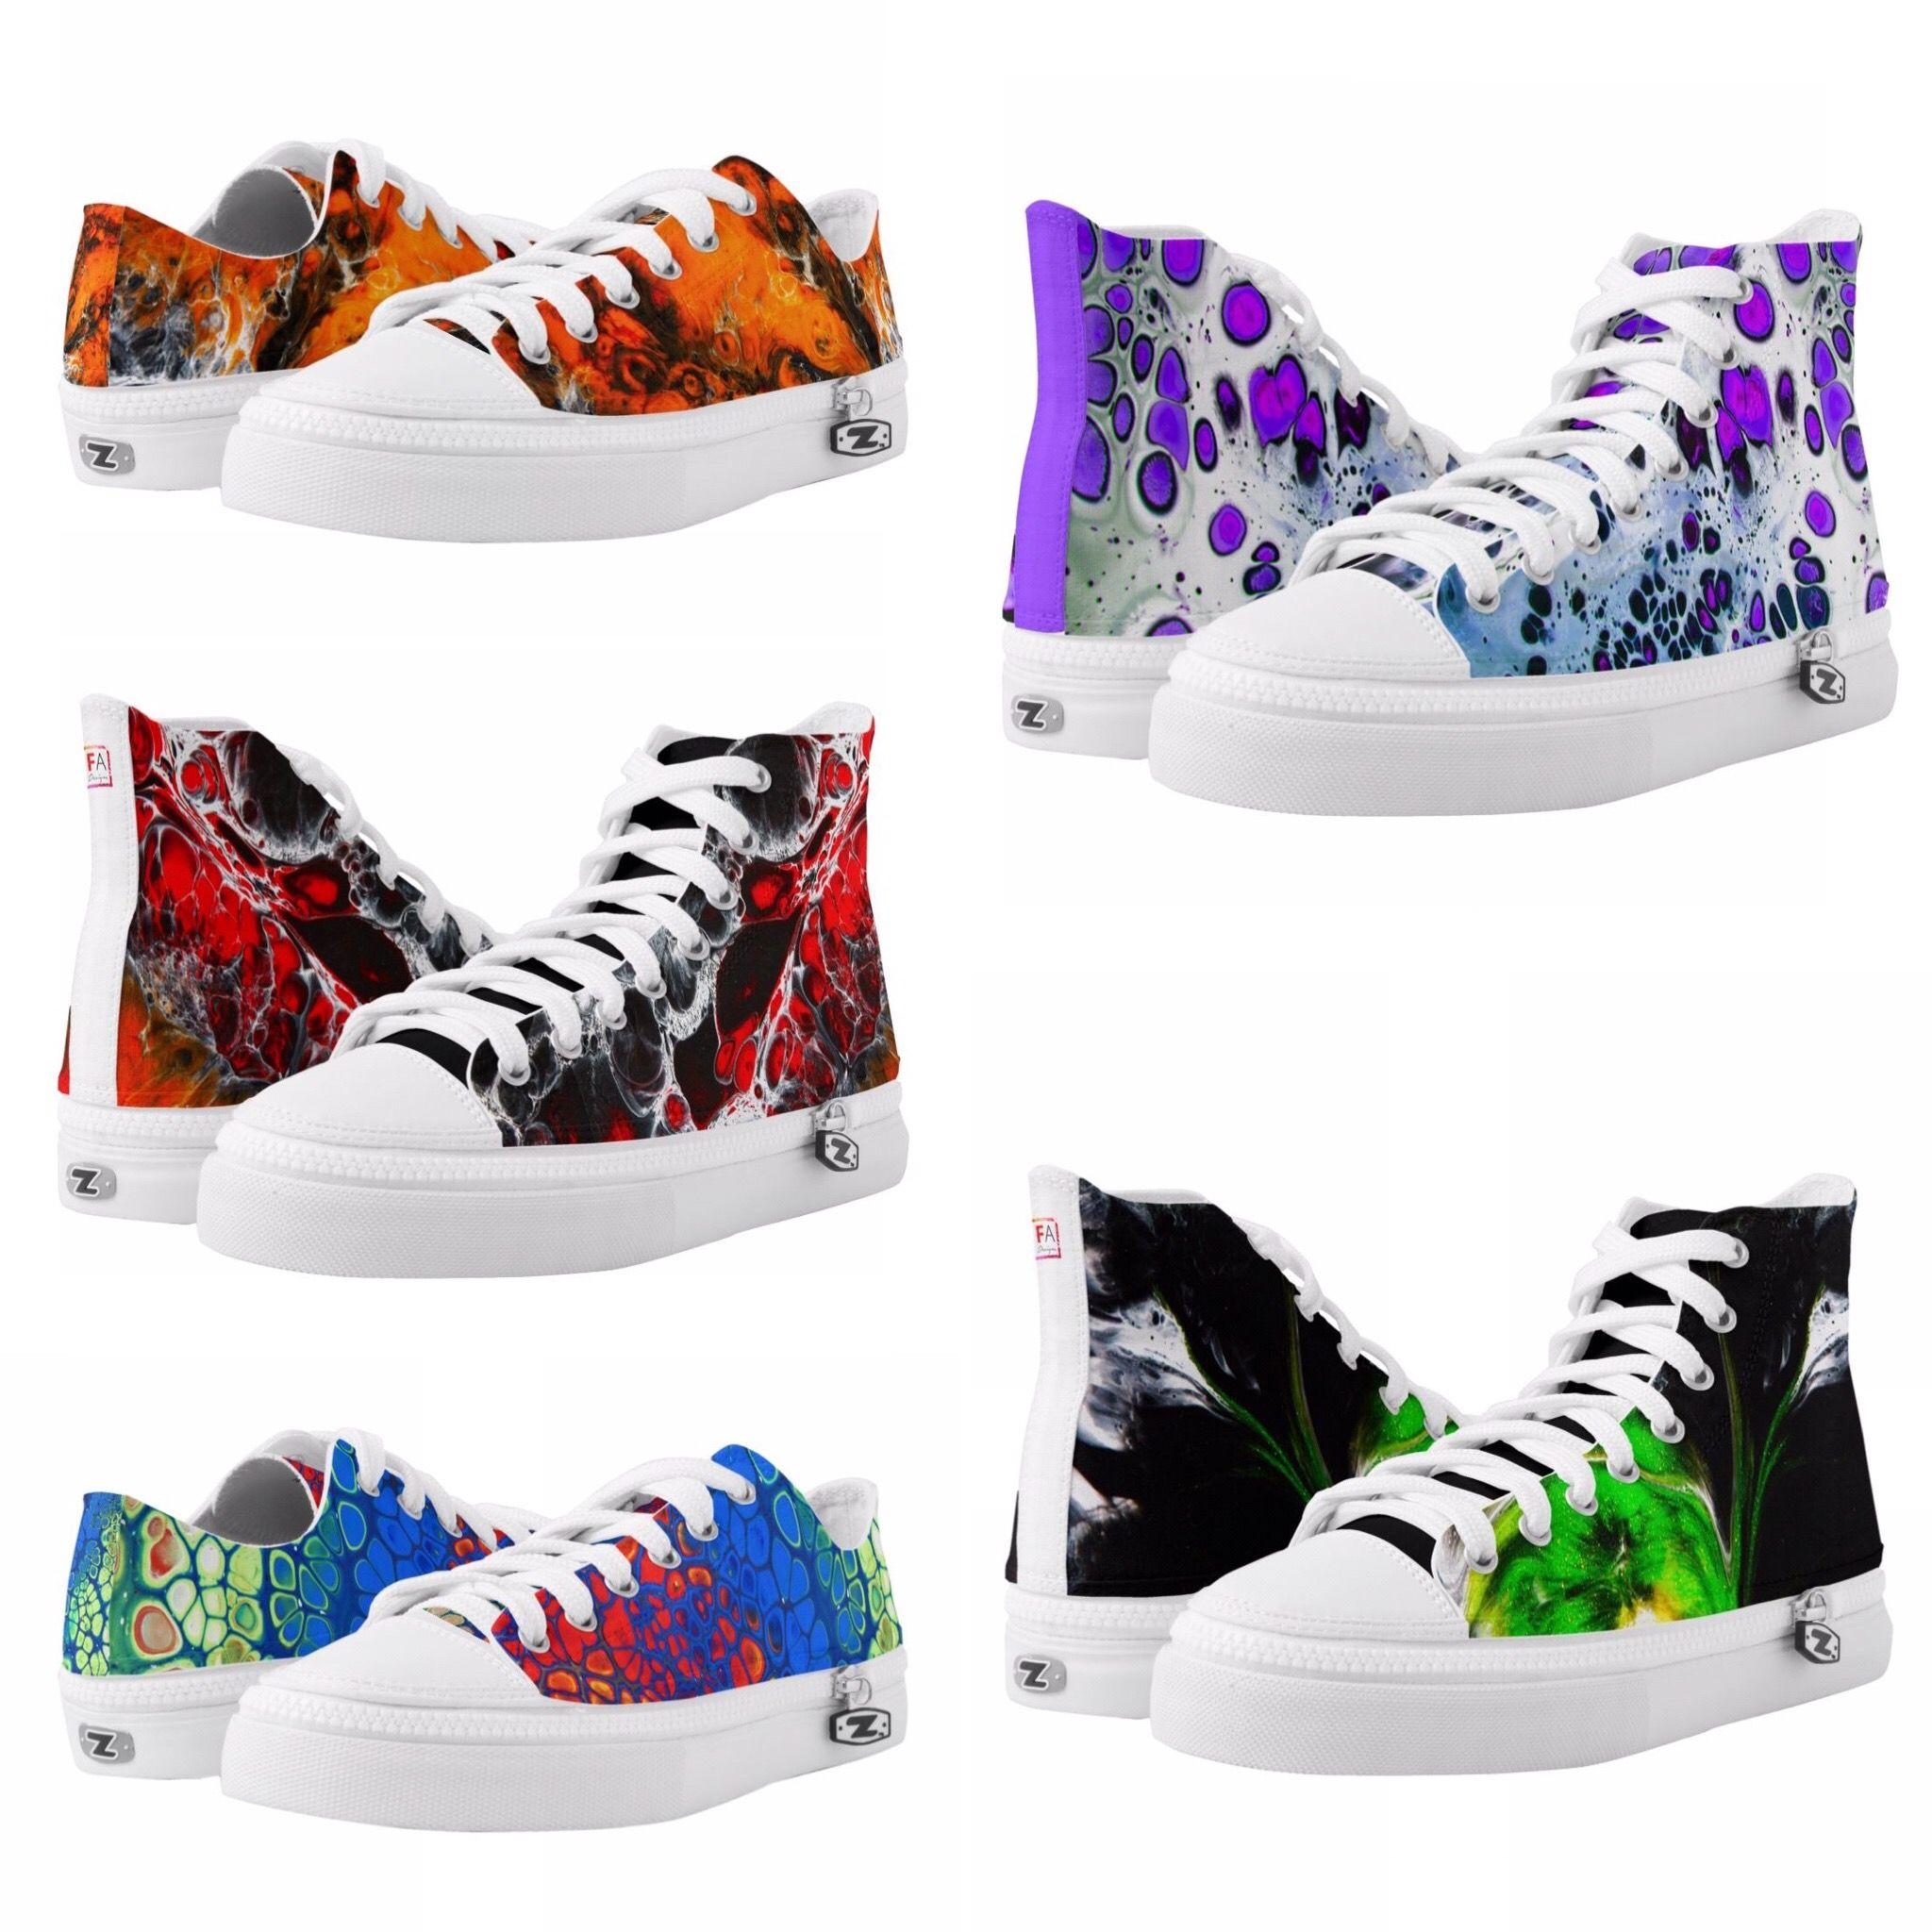 09f950b207b Unieke design high top sneakers van Famous Art Designs, men's sneakers,  women's sneakers, street footwear